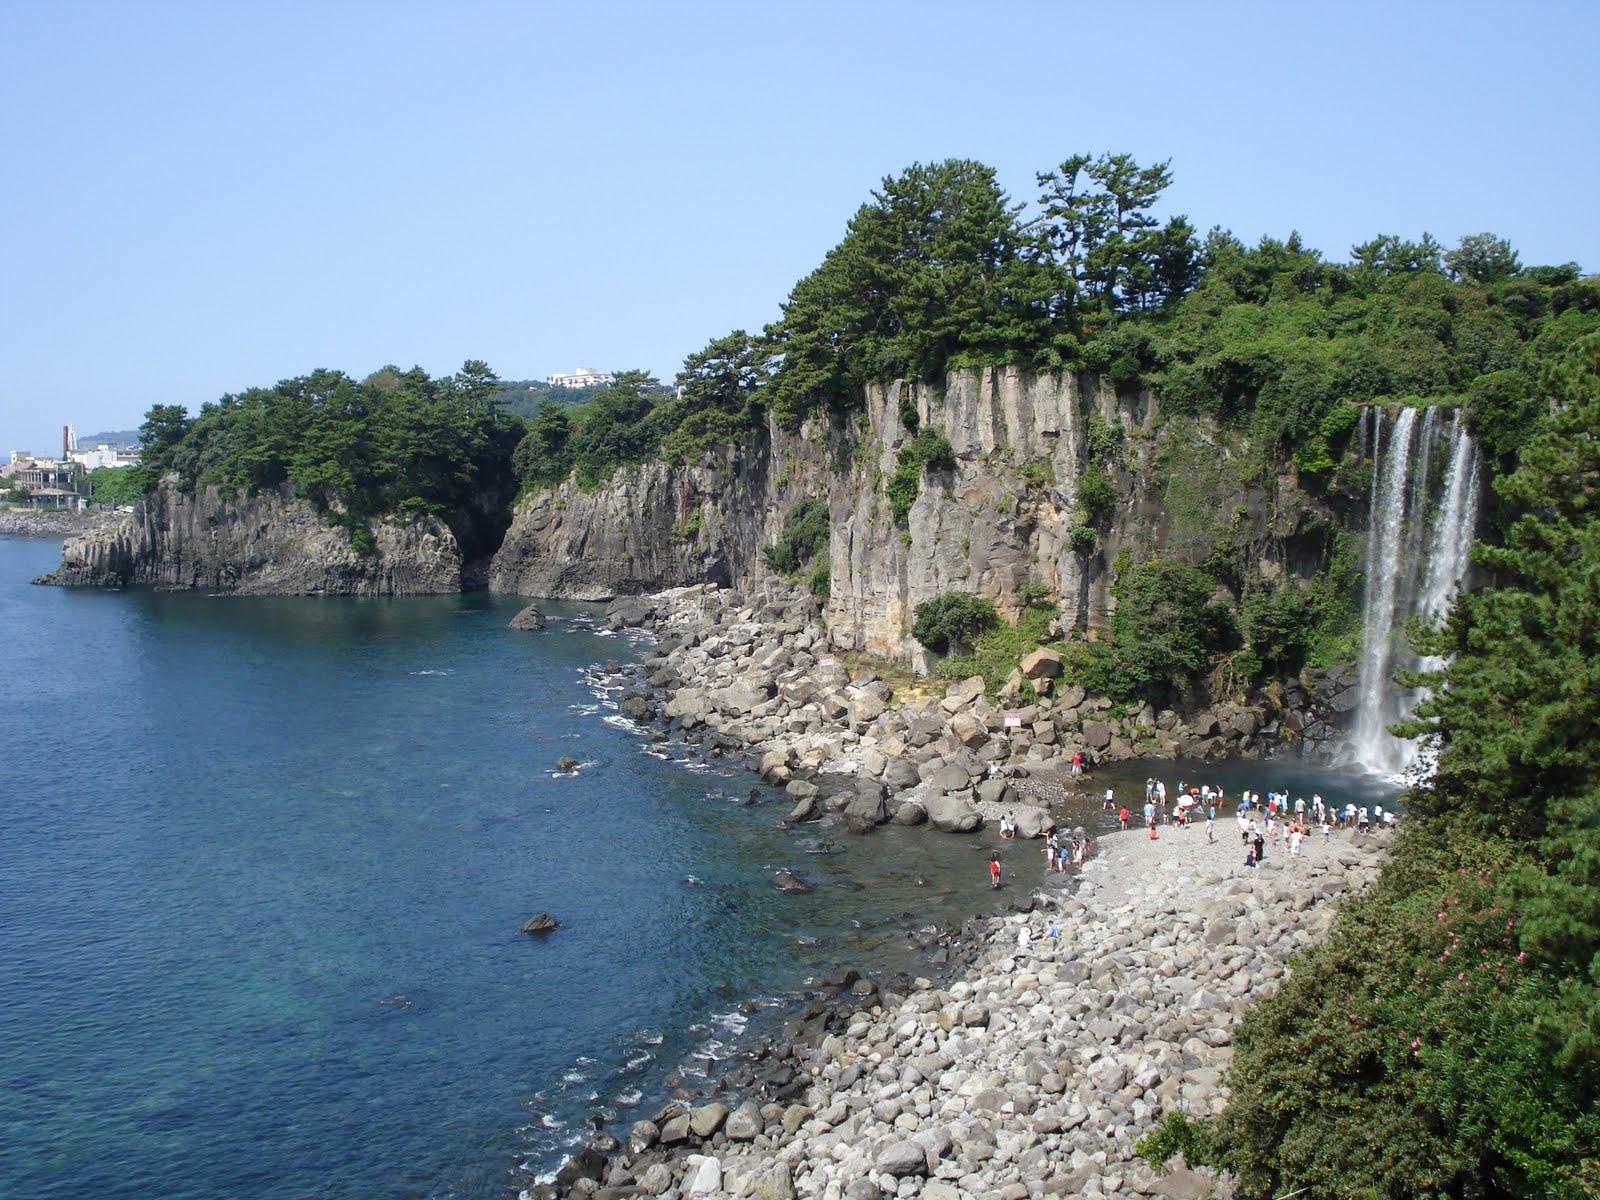 http://1.bp.blogspot.com/-bLwWrk1ykkk/TfOwl-flUjI/AAAAAAAAifU/XMoN48iuFXc/s1600/Isla+Jeju3.JPG